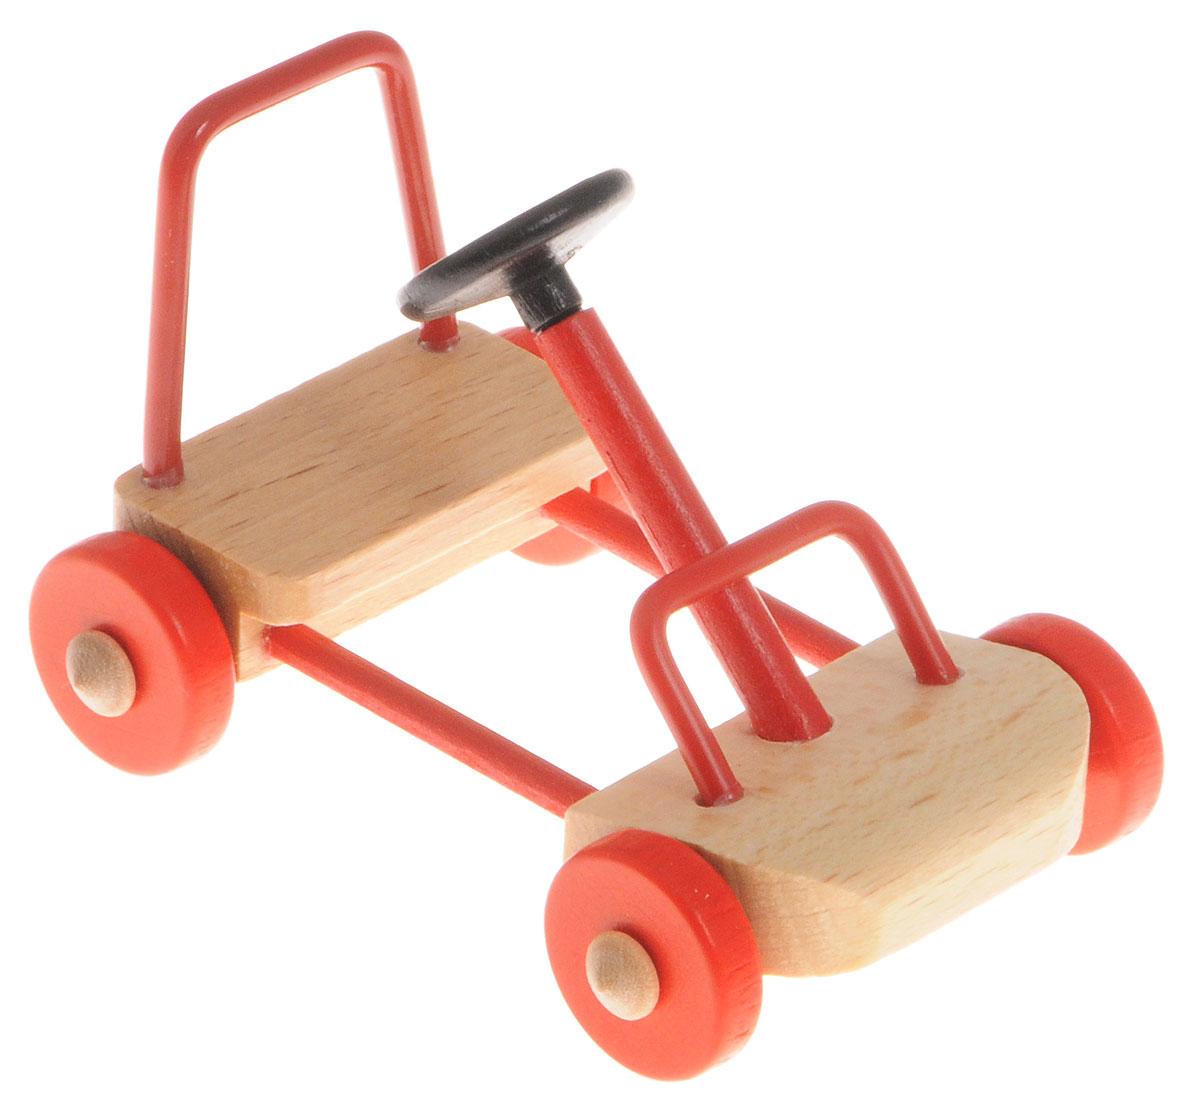 Fritz Canzler Машинка багги для кукол20306/01Машинка багги Fritz Canzler - это прекрасный аксессуар для игры с мини-куклами. Ваш ребенок может придумать и разыграть различные ситуации, например, гонки на машинах или загородную прогулку. Игрушка изготовлена из высококачественного материала, в производстве используется древесина бука и клена. Машинка багги Fritz Canzler обеспечивает развитие и обучение вашего ребенка в процессе игры. Производство осуществляется в Германии.